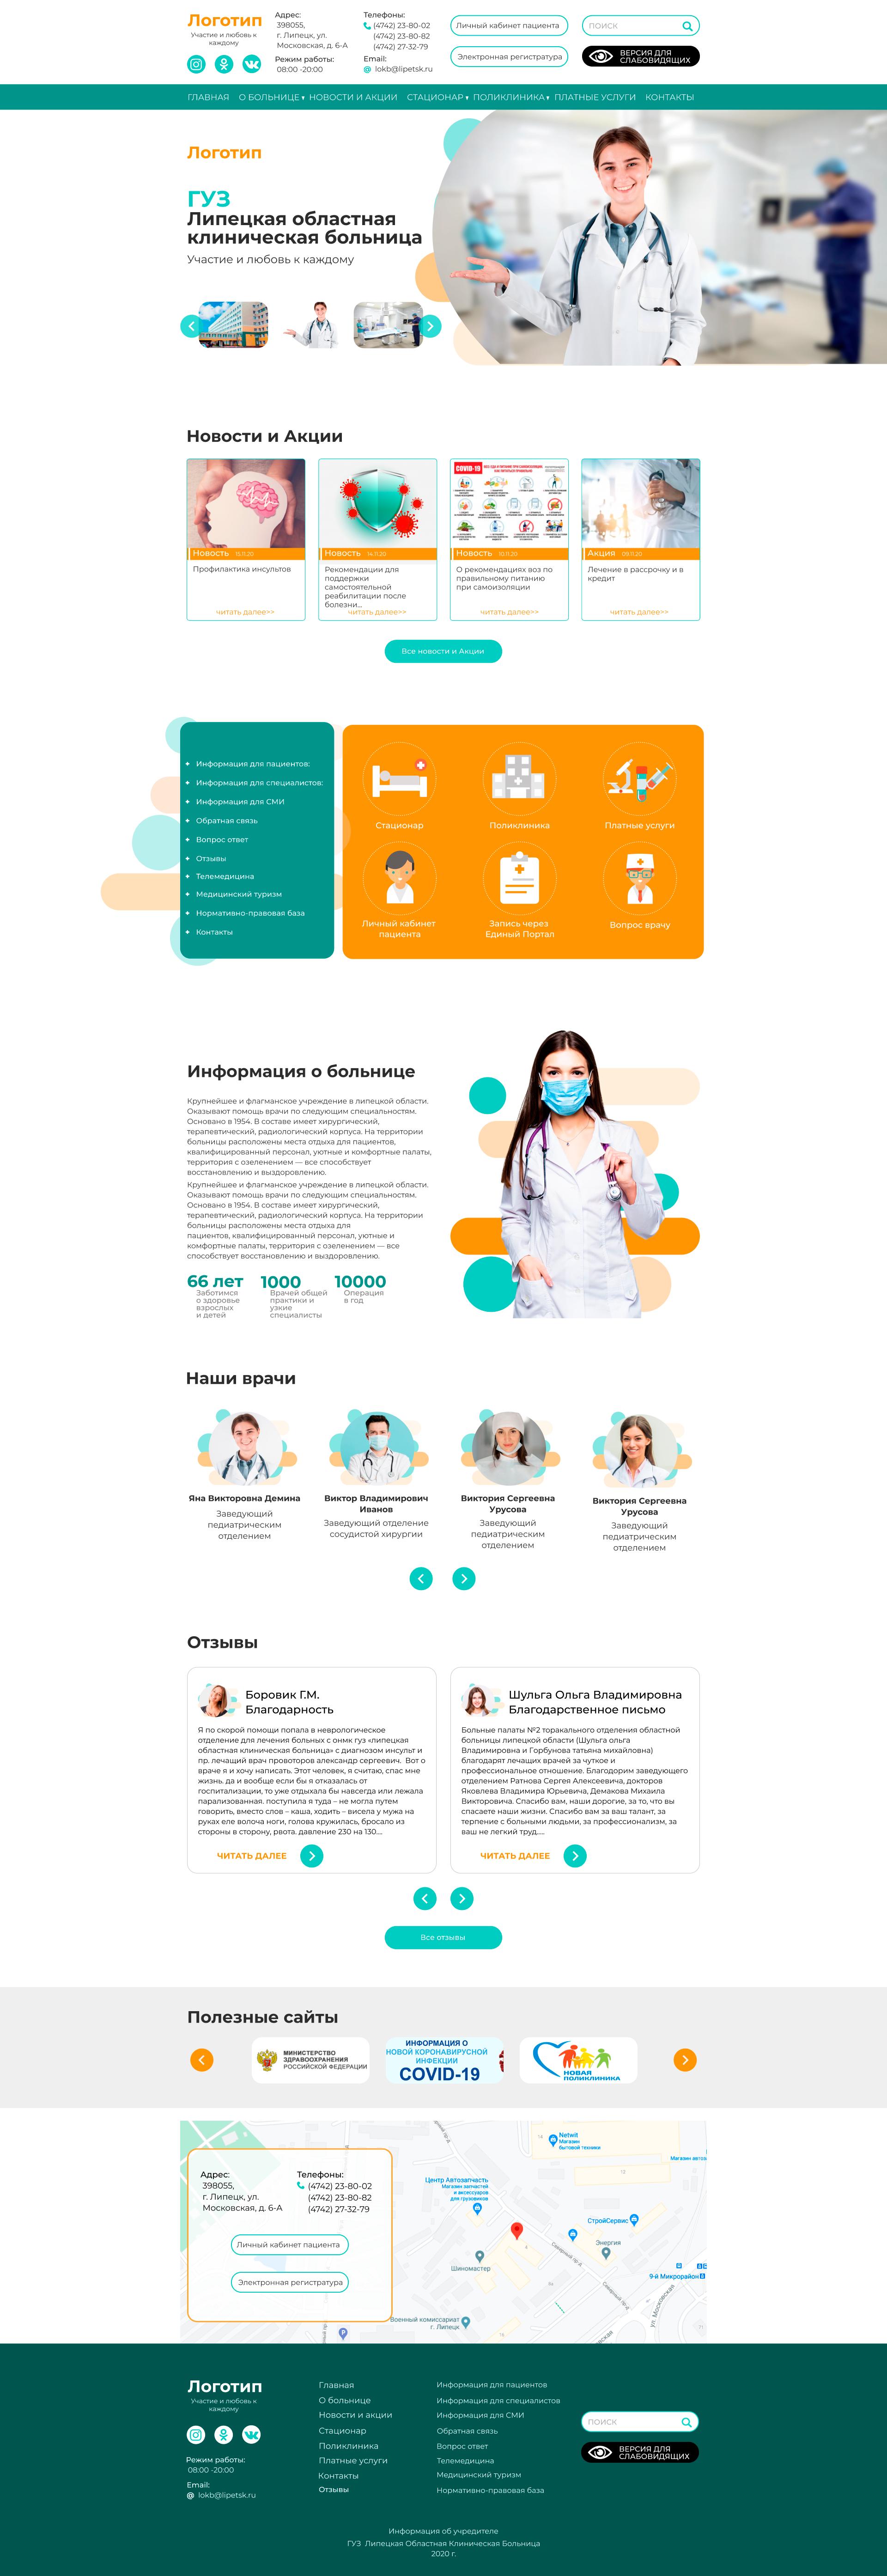 Дизайн для сайта больницы. Главная страница + 2 внутренних. фото f_1745fb3d91175ca1.png